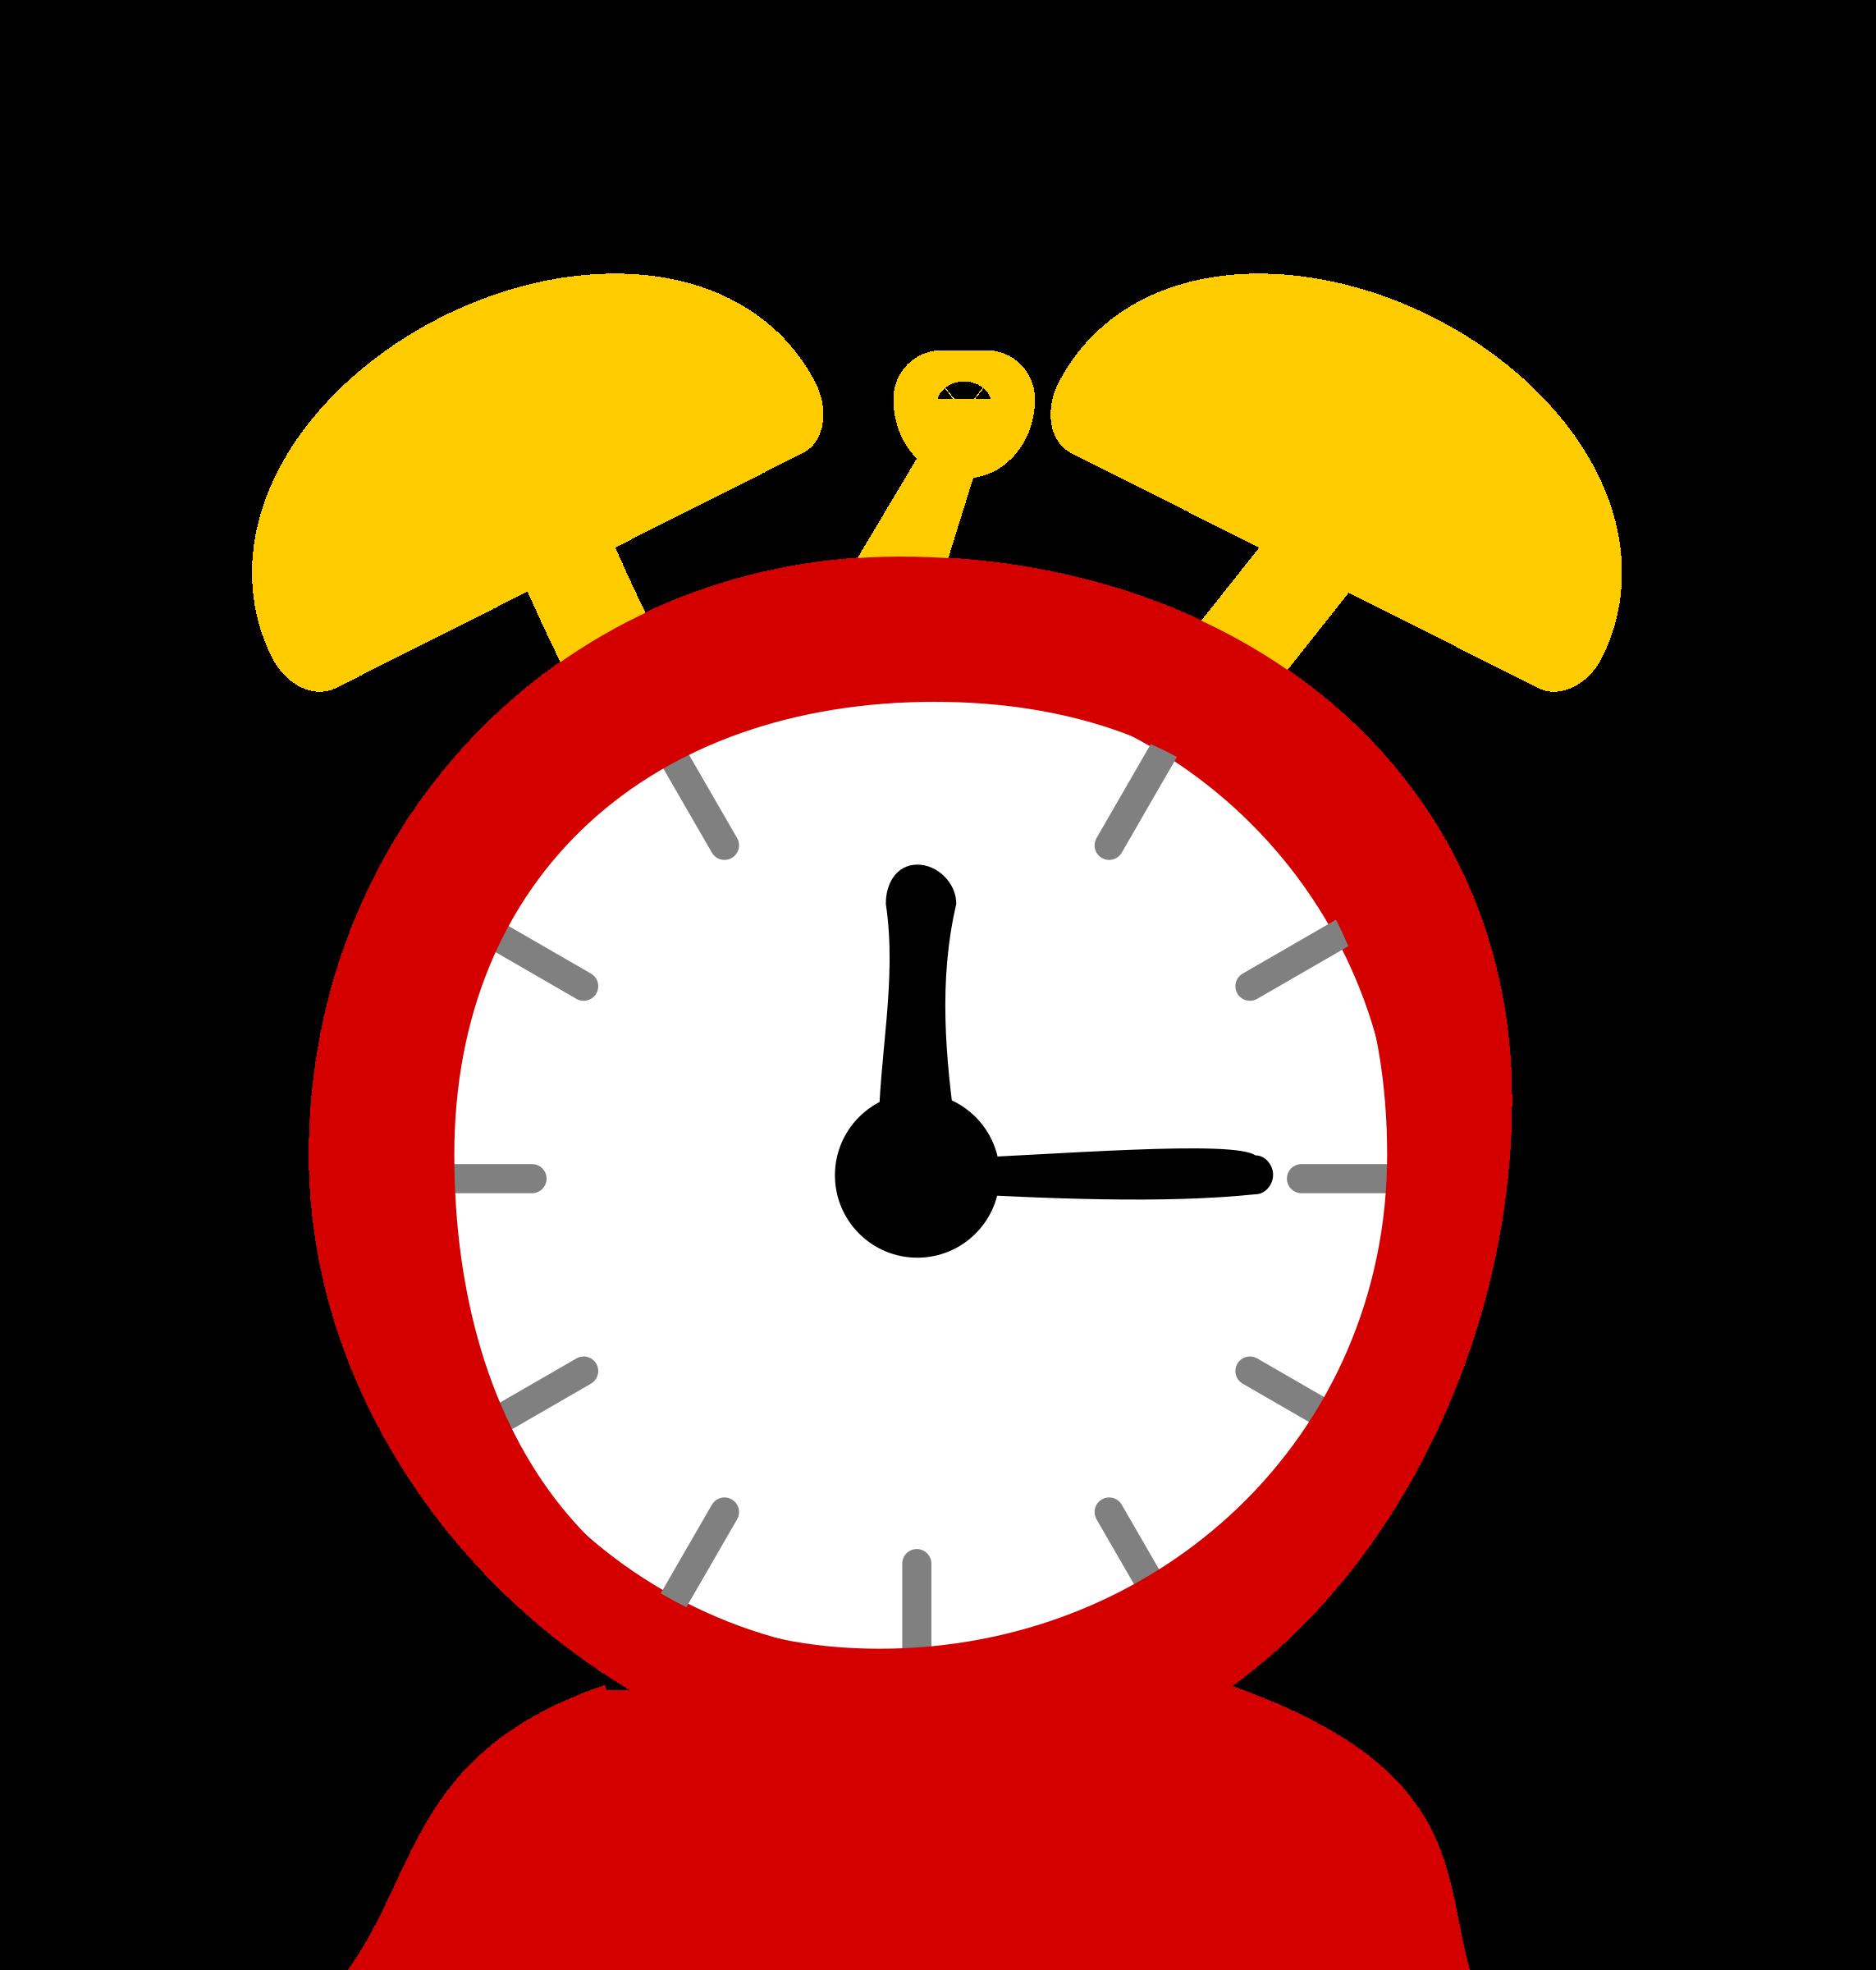 Clipart alarm clock-Clipart alarm clock-14